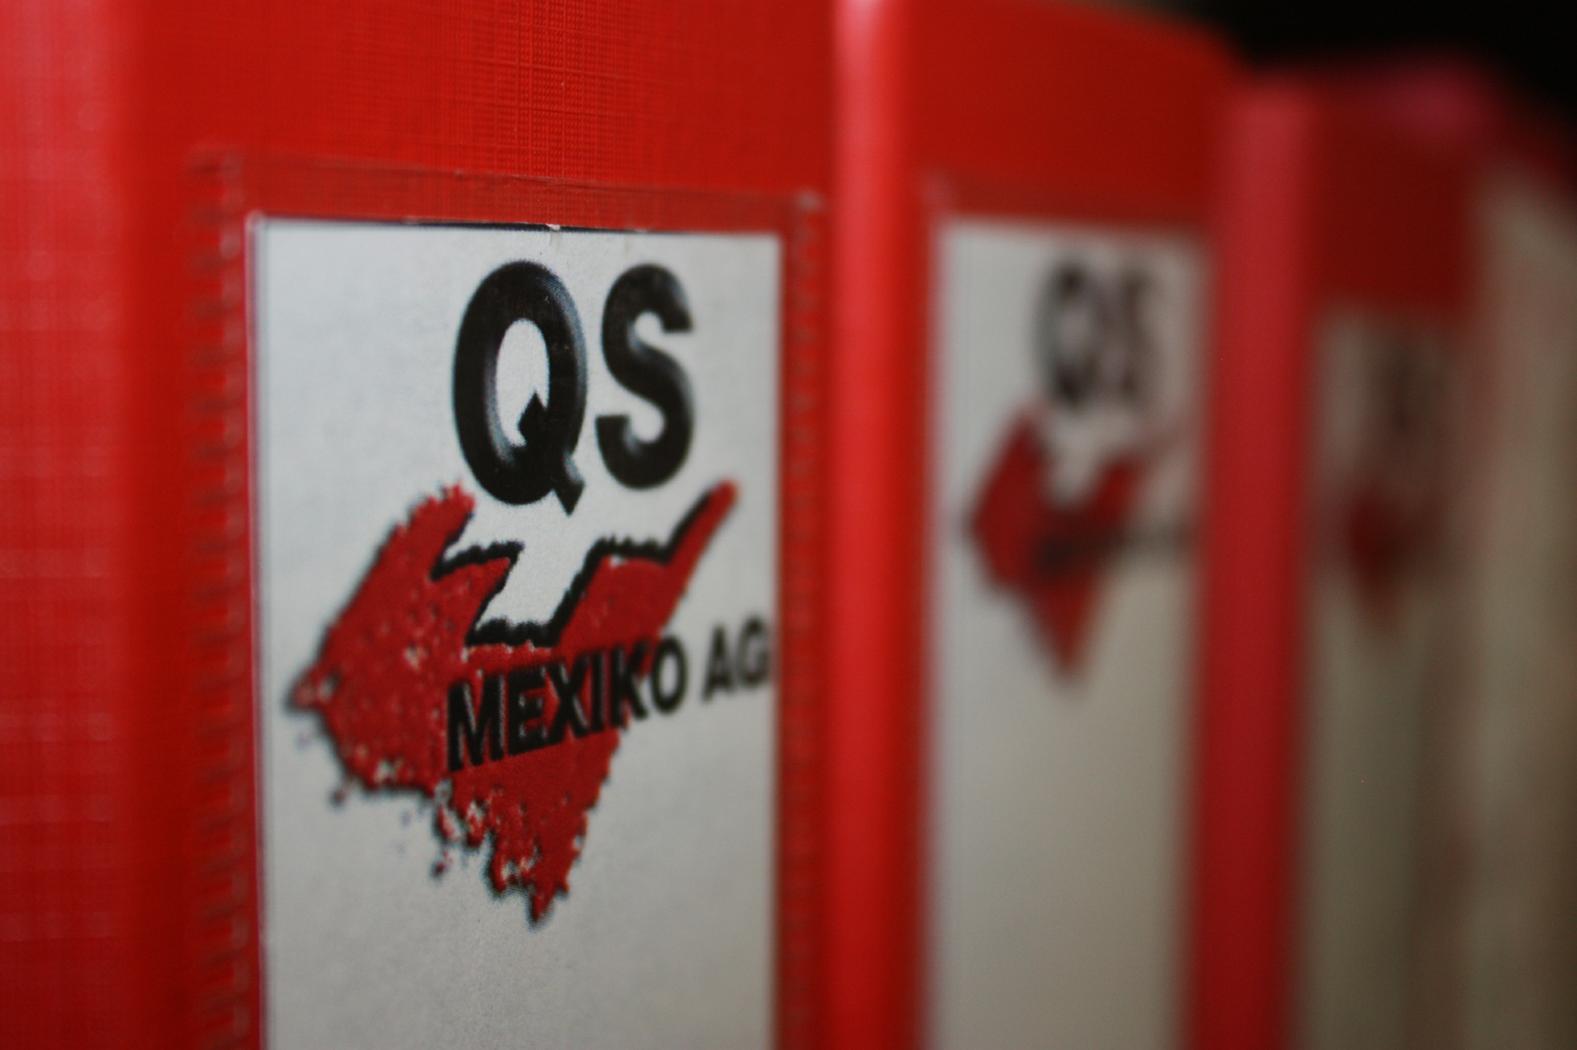 QS MEXIKO AG